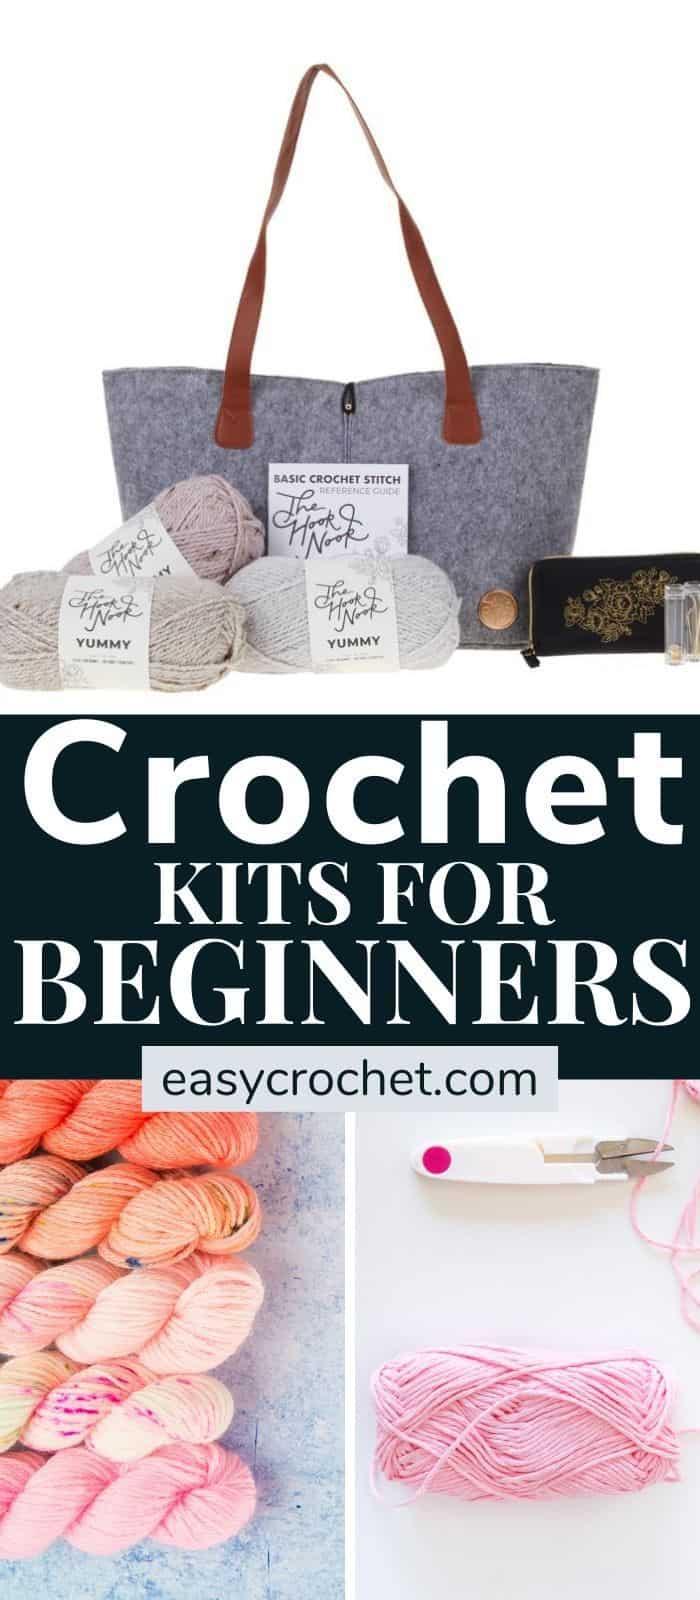 learn how to crochet kit via @easycrochetcom